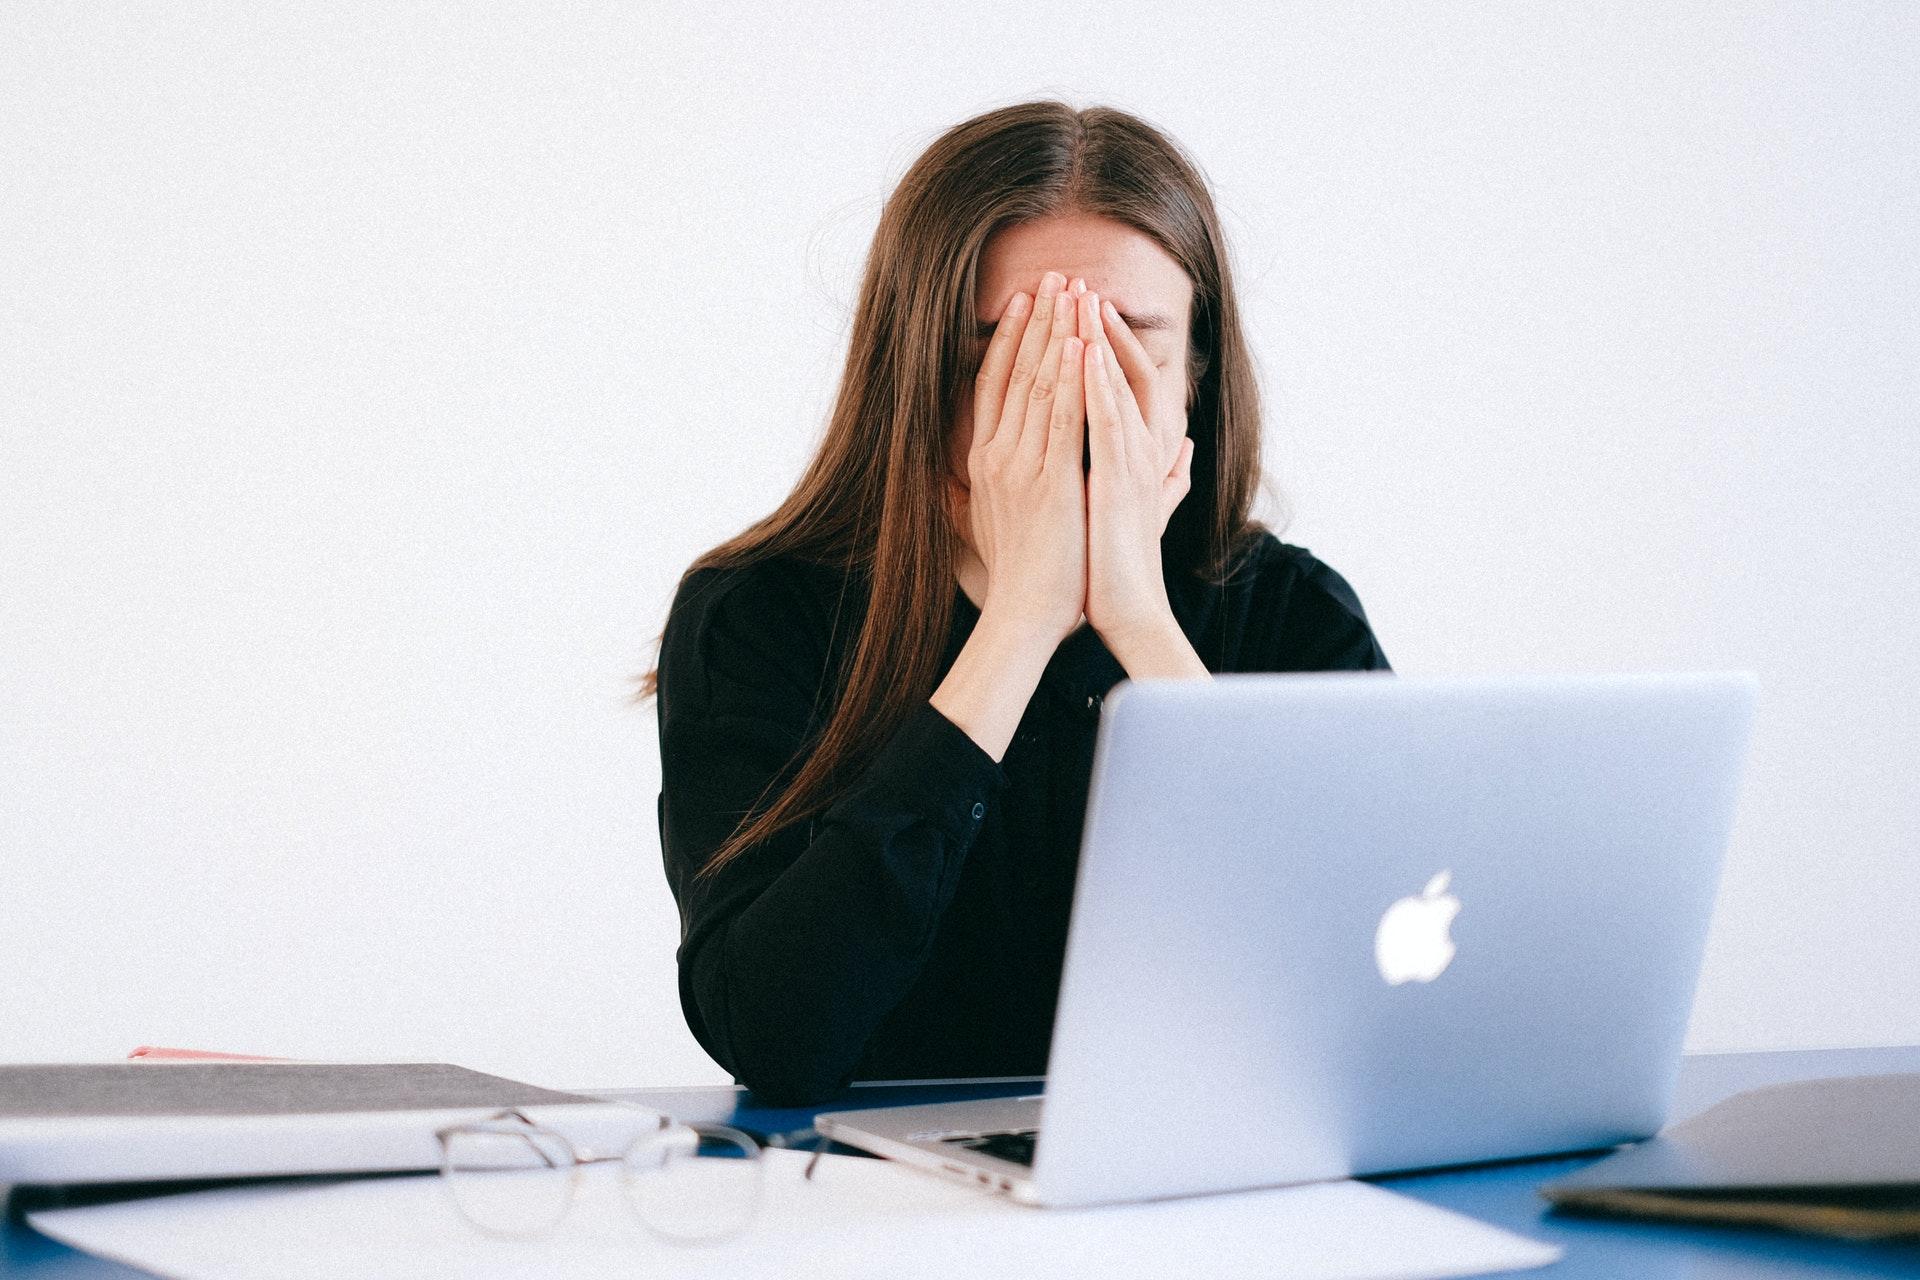 chica tapándose la cara delante de un ordenador portátil